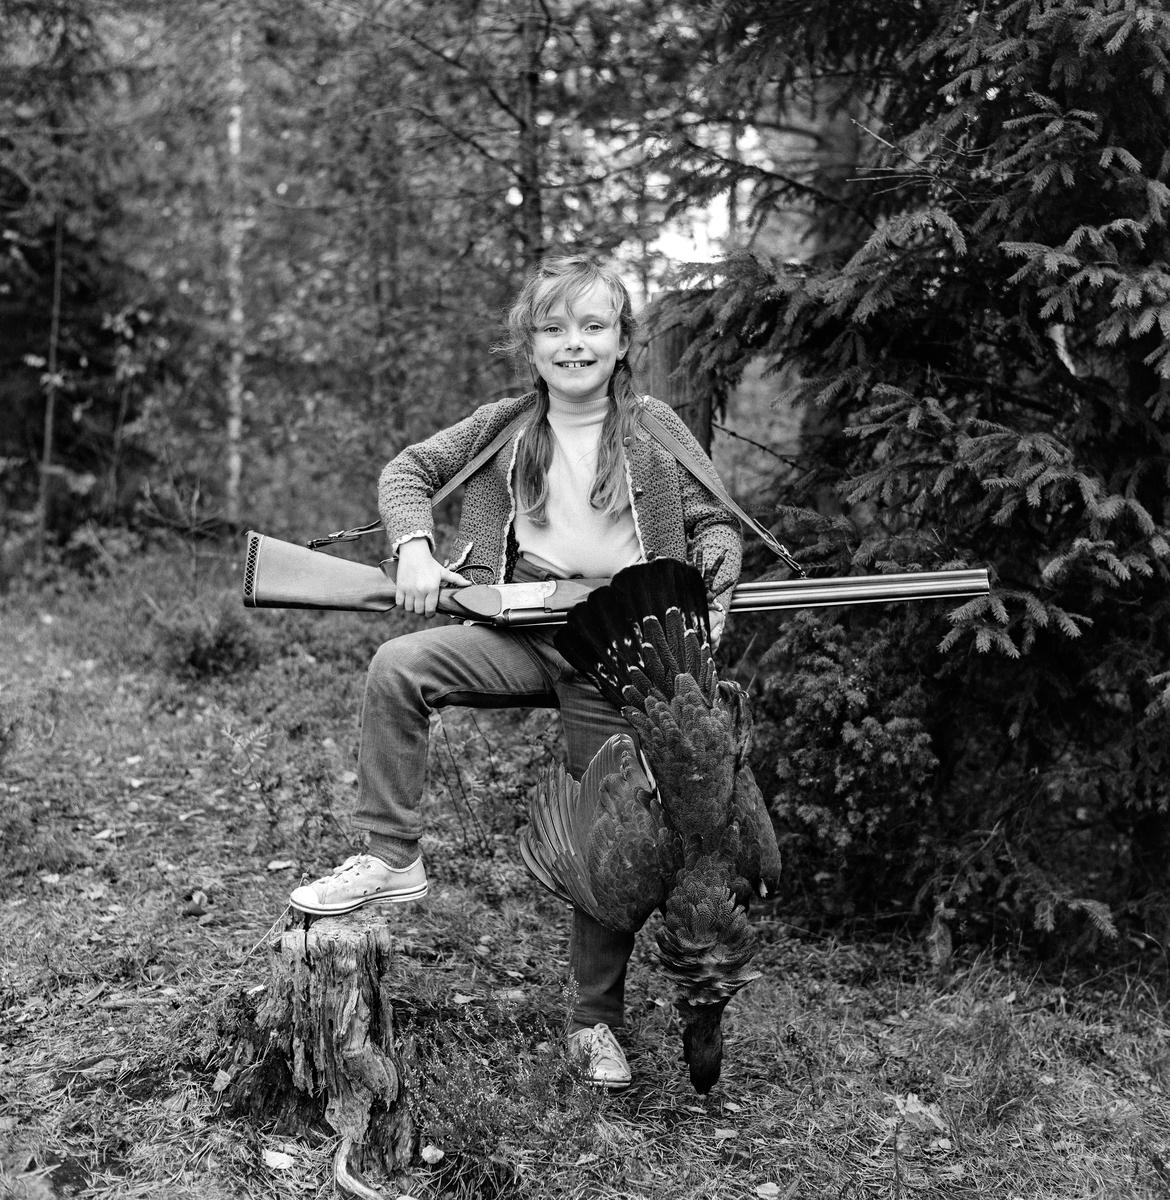 Glad jente med haglegevær og nyskutt tiur.  Fotografiet er tatt i et skogsterreng der jente står med den ene foten på en gammel stubbe, med våpenet i ei reim bak nakken og løpet pekende mot sida.  Hun holder tiuren etter beina i venstre hånd, slik at hodet peker mot bakken, vingene til sidene og halen til værs.  Fotografiet er tatt av jegeren og fotografen Kjell Søgård, og det var trolig han som eide våpenet og som hadde skutt fuglen.  Jenta er dattera, Vera Søgård, seinere Vera Søgård Bryn.  Fotografiet er tatt i 1969. Storfugljakt.